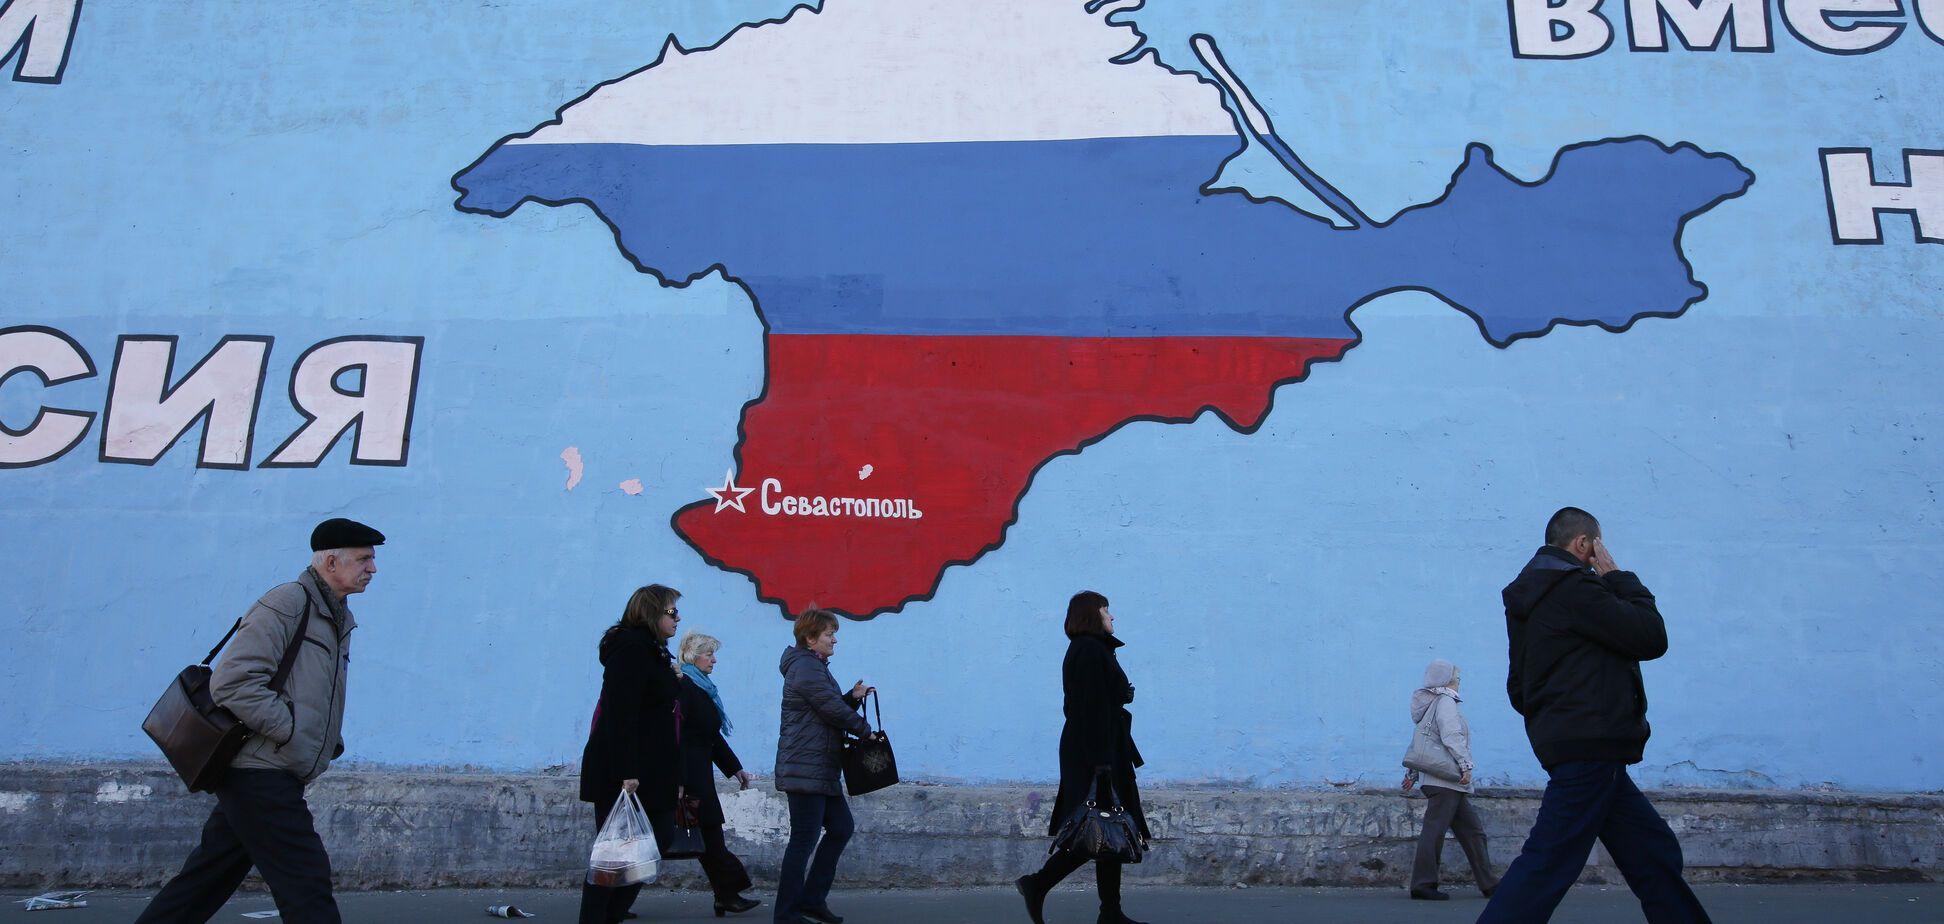 'Пациент скорее мертв': стало известно о серьезных проблемах с Крымом